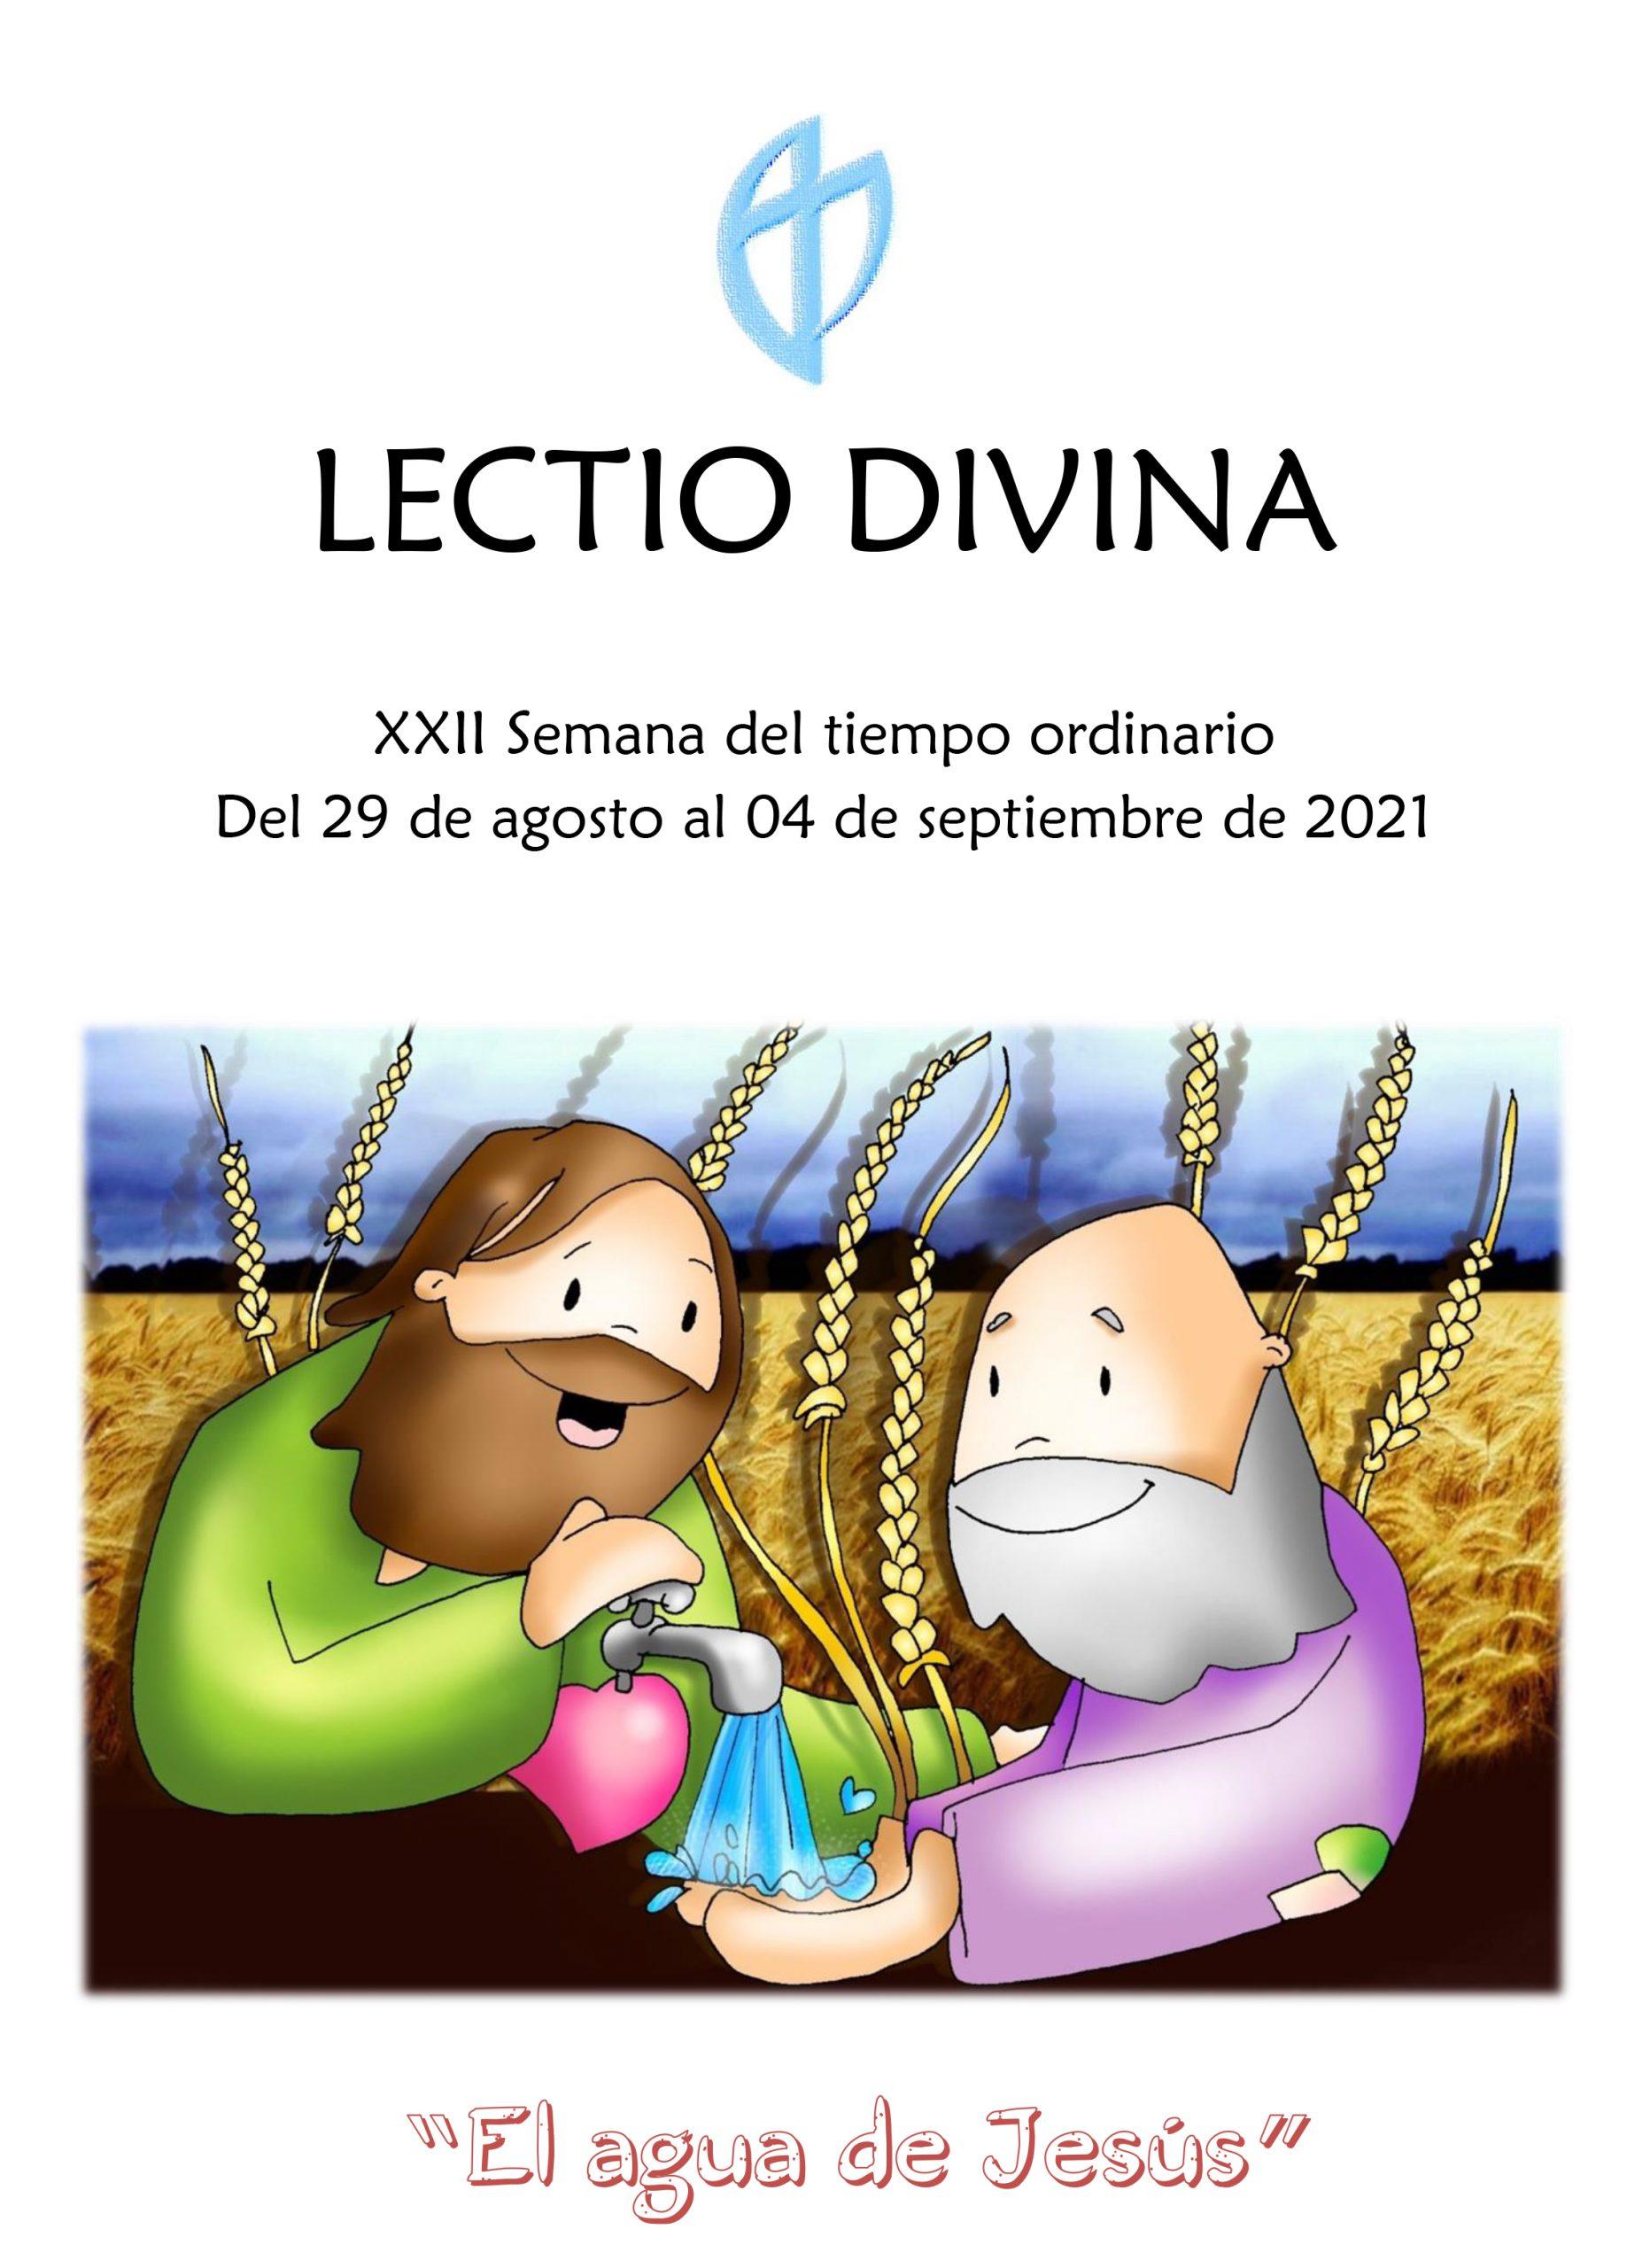 XXII Semana del tiempo ordinario (del 29 de agosto al 04 de septiembre de 2021)